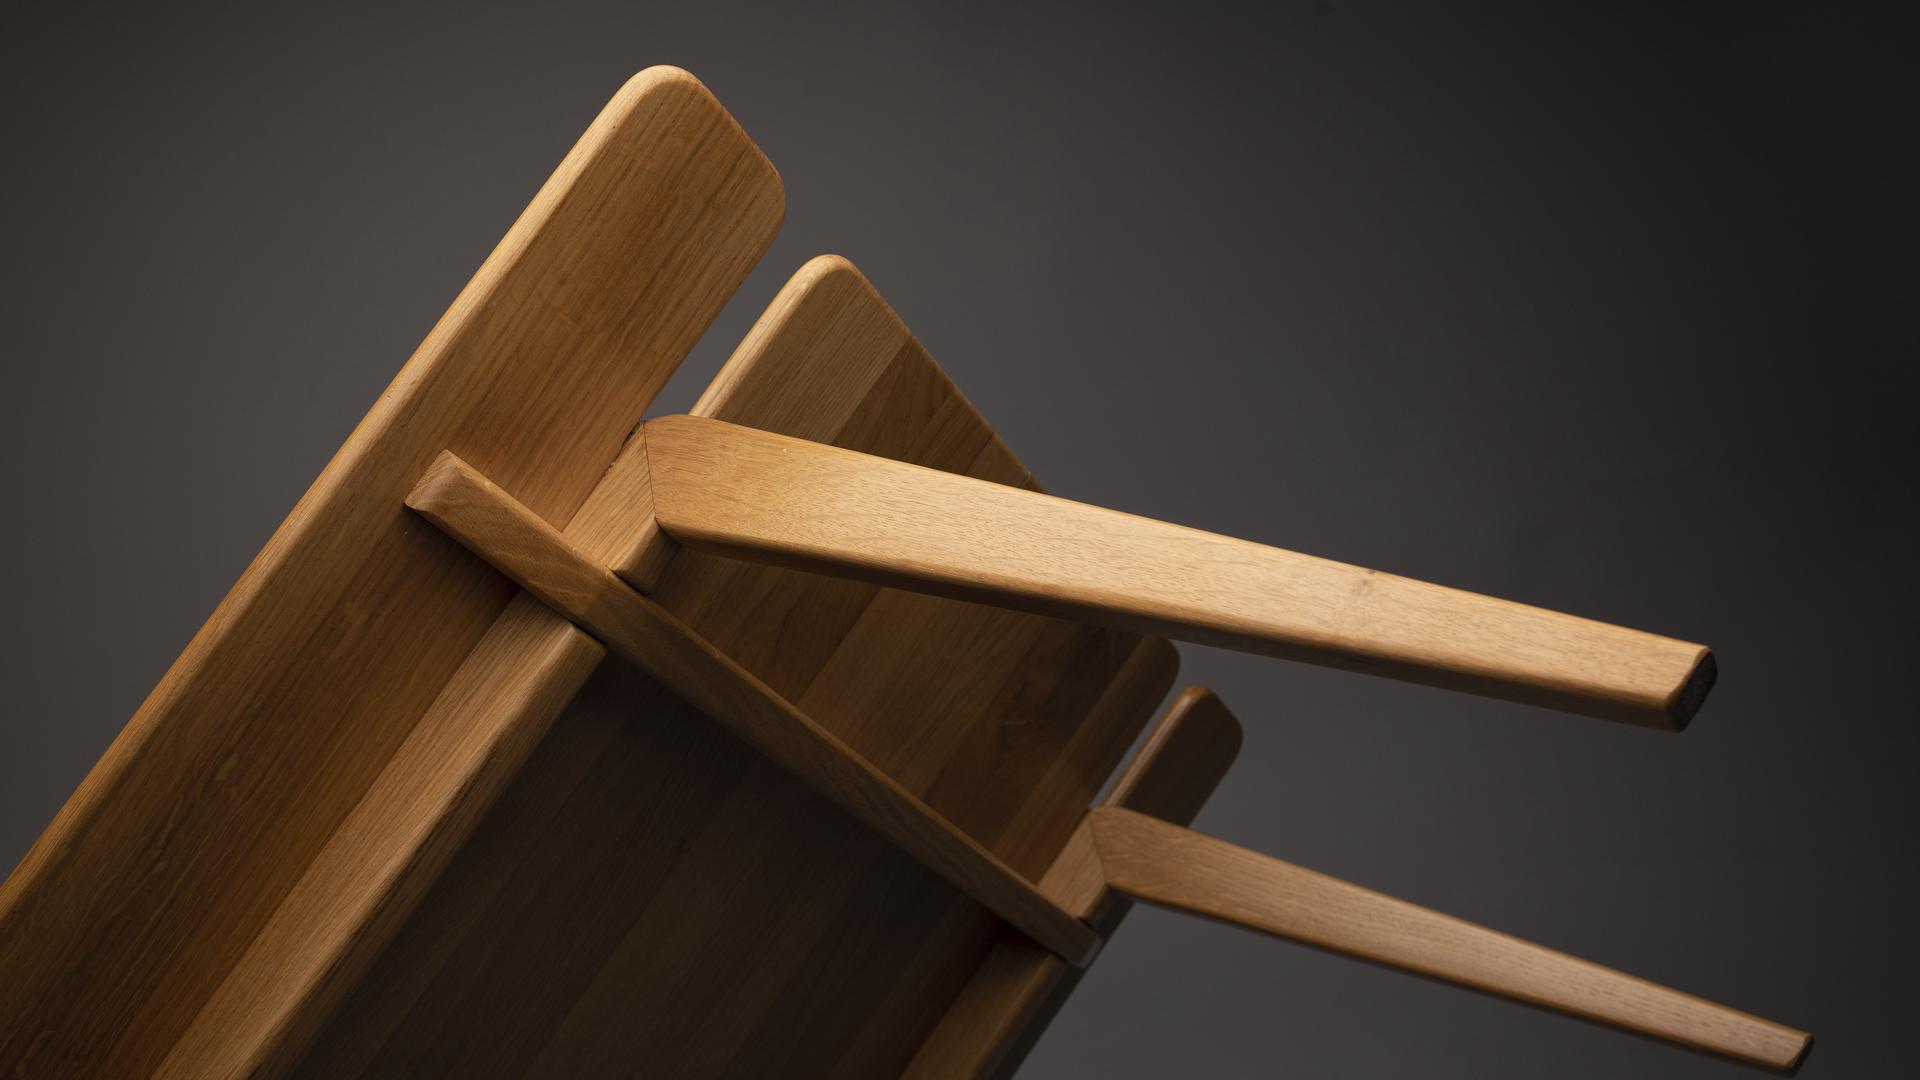 Brand Identity Designed by Azote Estudio for Sergio Taroncher, Carpenter and Cabinetmaker